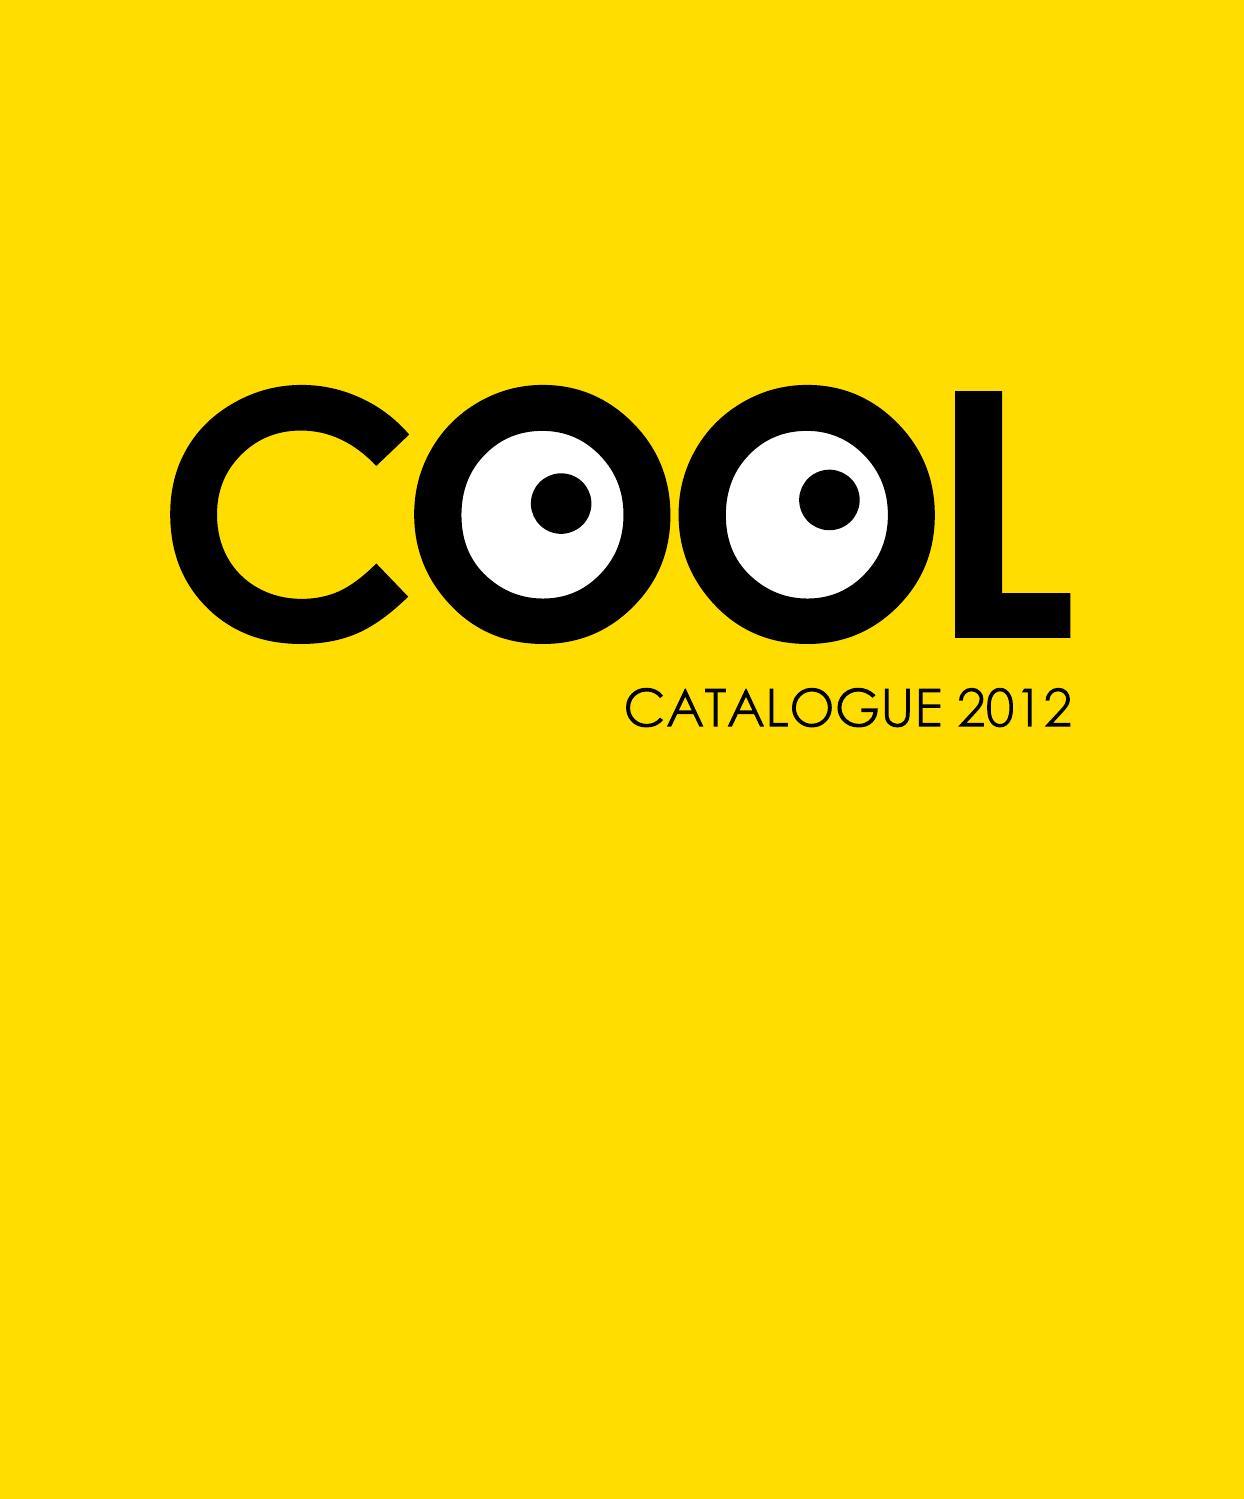 29db678fd59ef LAJKA Katalóg Cool 2012 by LAJKA - issuu